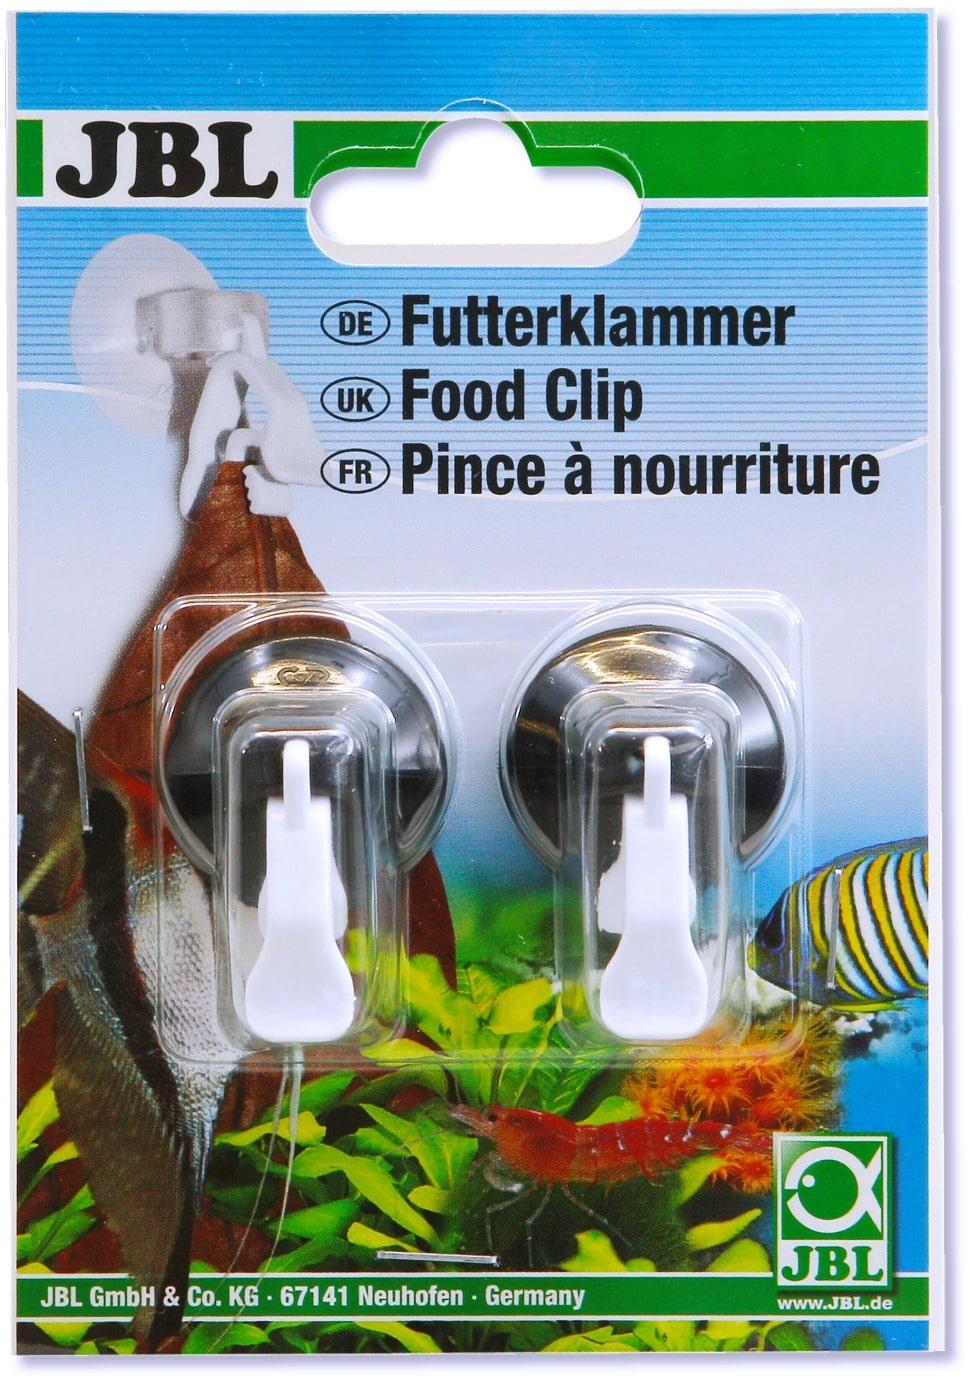 JBL lot de 2 Pinces à nourriture idéale pour maintenir en suspension les aliments sous forme de feuille